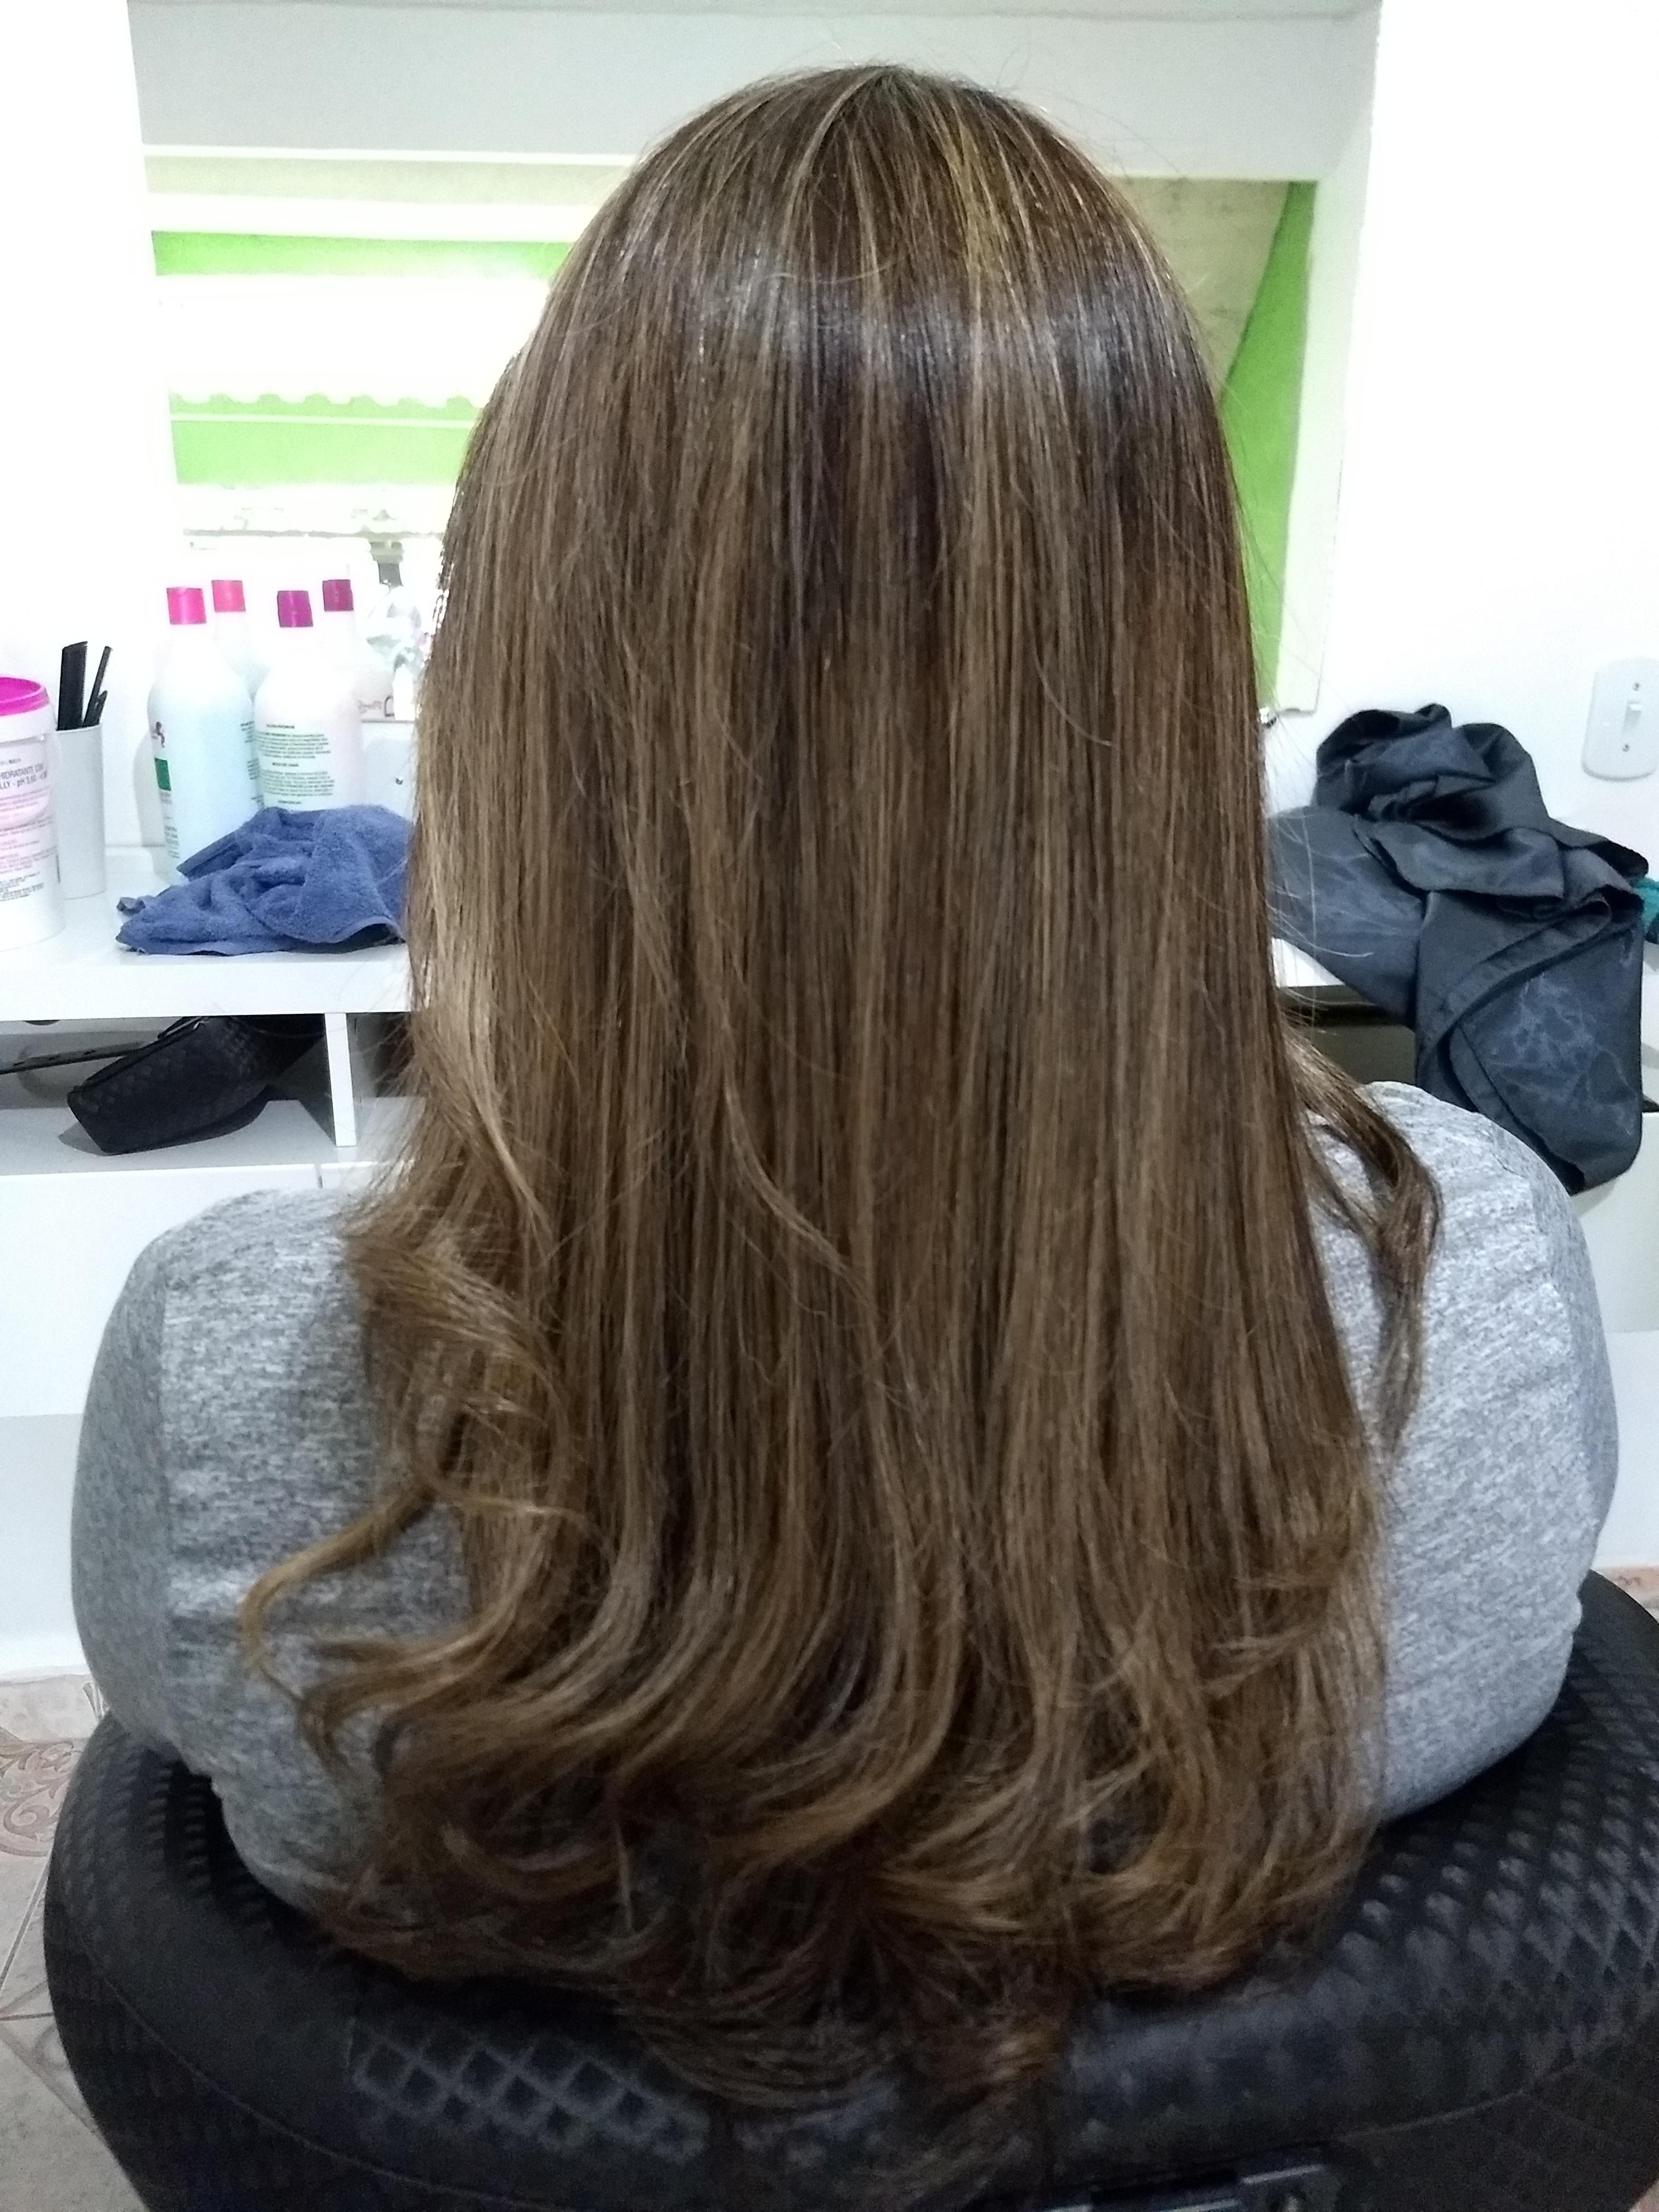 Este foi o cabelo onde tive minha primeira experiência com luzes fora da escola, fiz retoque de raiz de uns 5 dedos pelo menos, o cabelo estava destruídos . Além disso cortei suavemente em degradê repicado e fiz tratamentos de hidratação e reconstrução.  cabelo auxiliar cabeleireiro(a) recepcionista